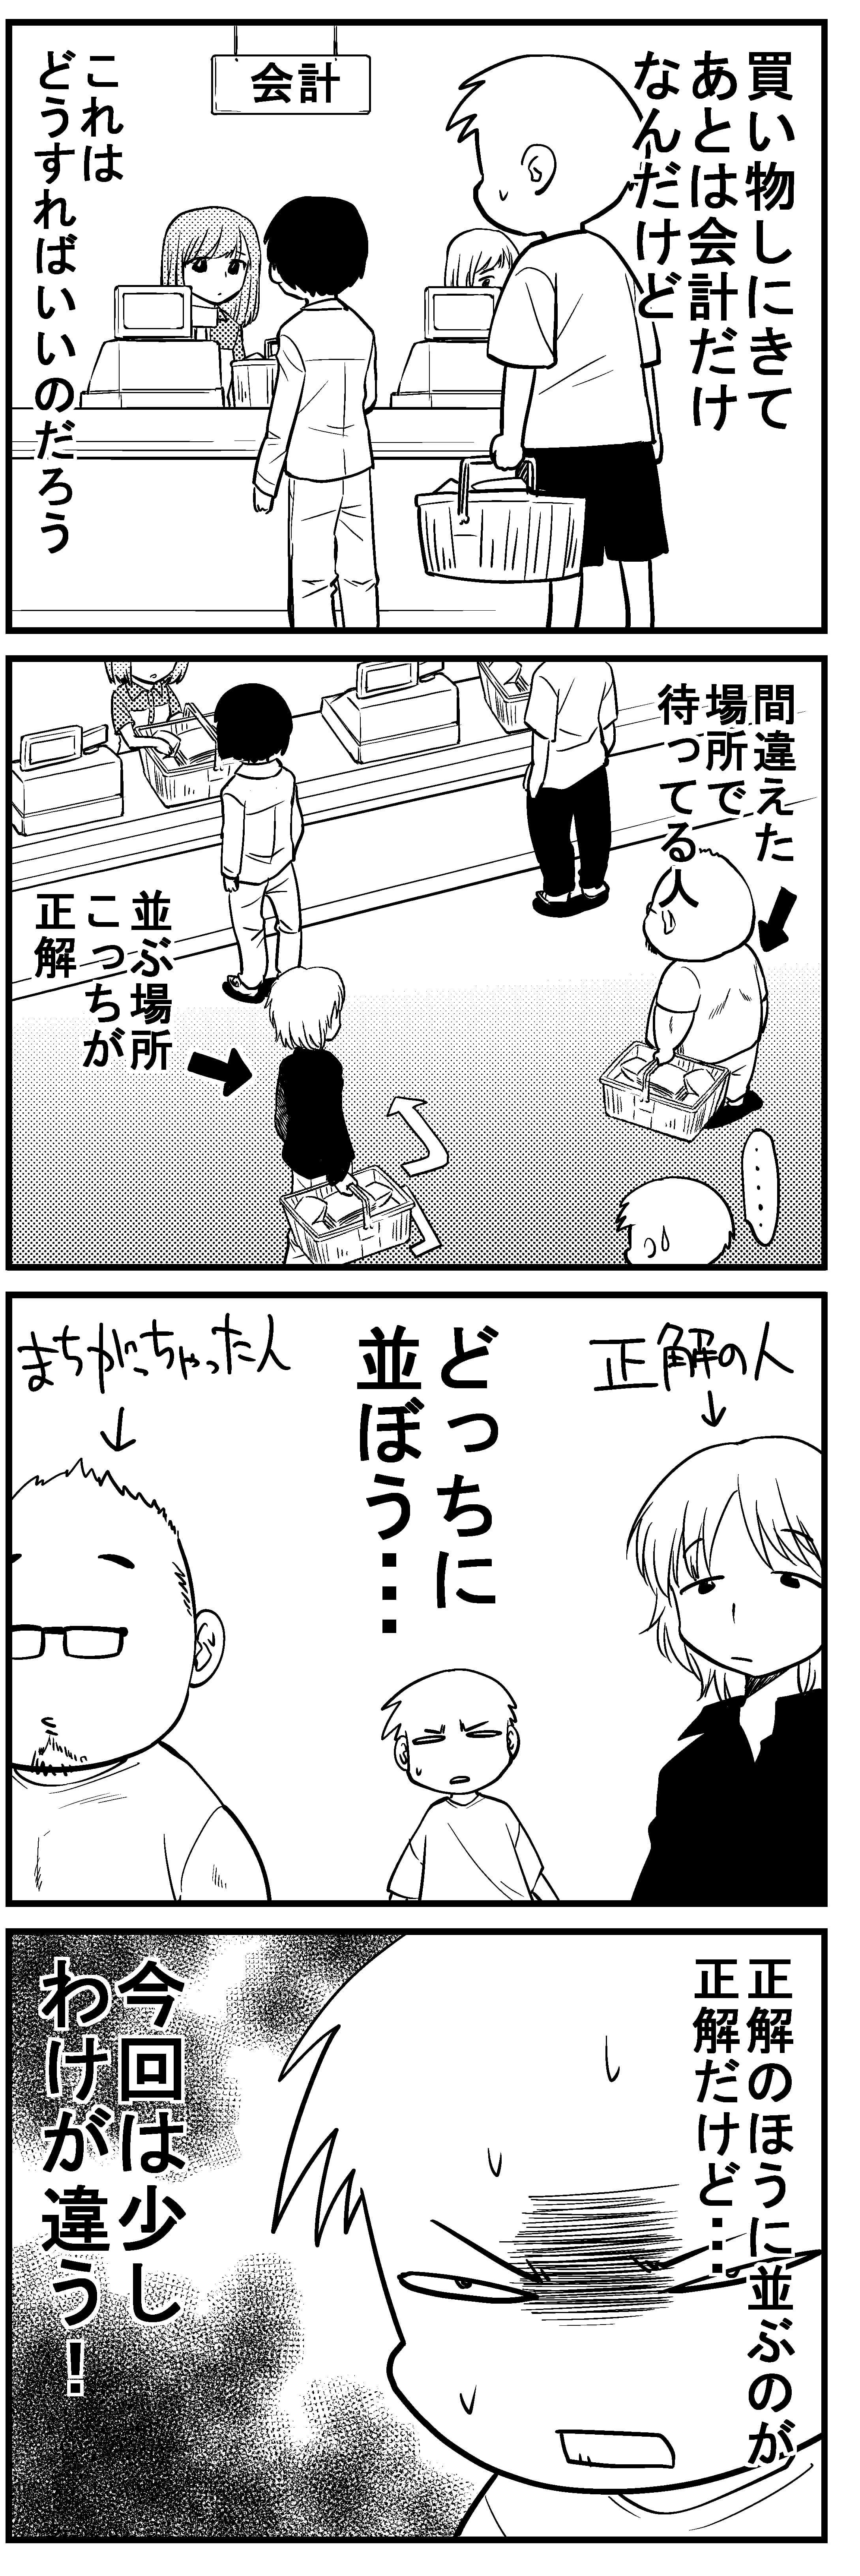 深読み君8_mini (1)